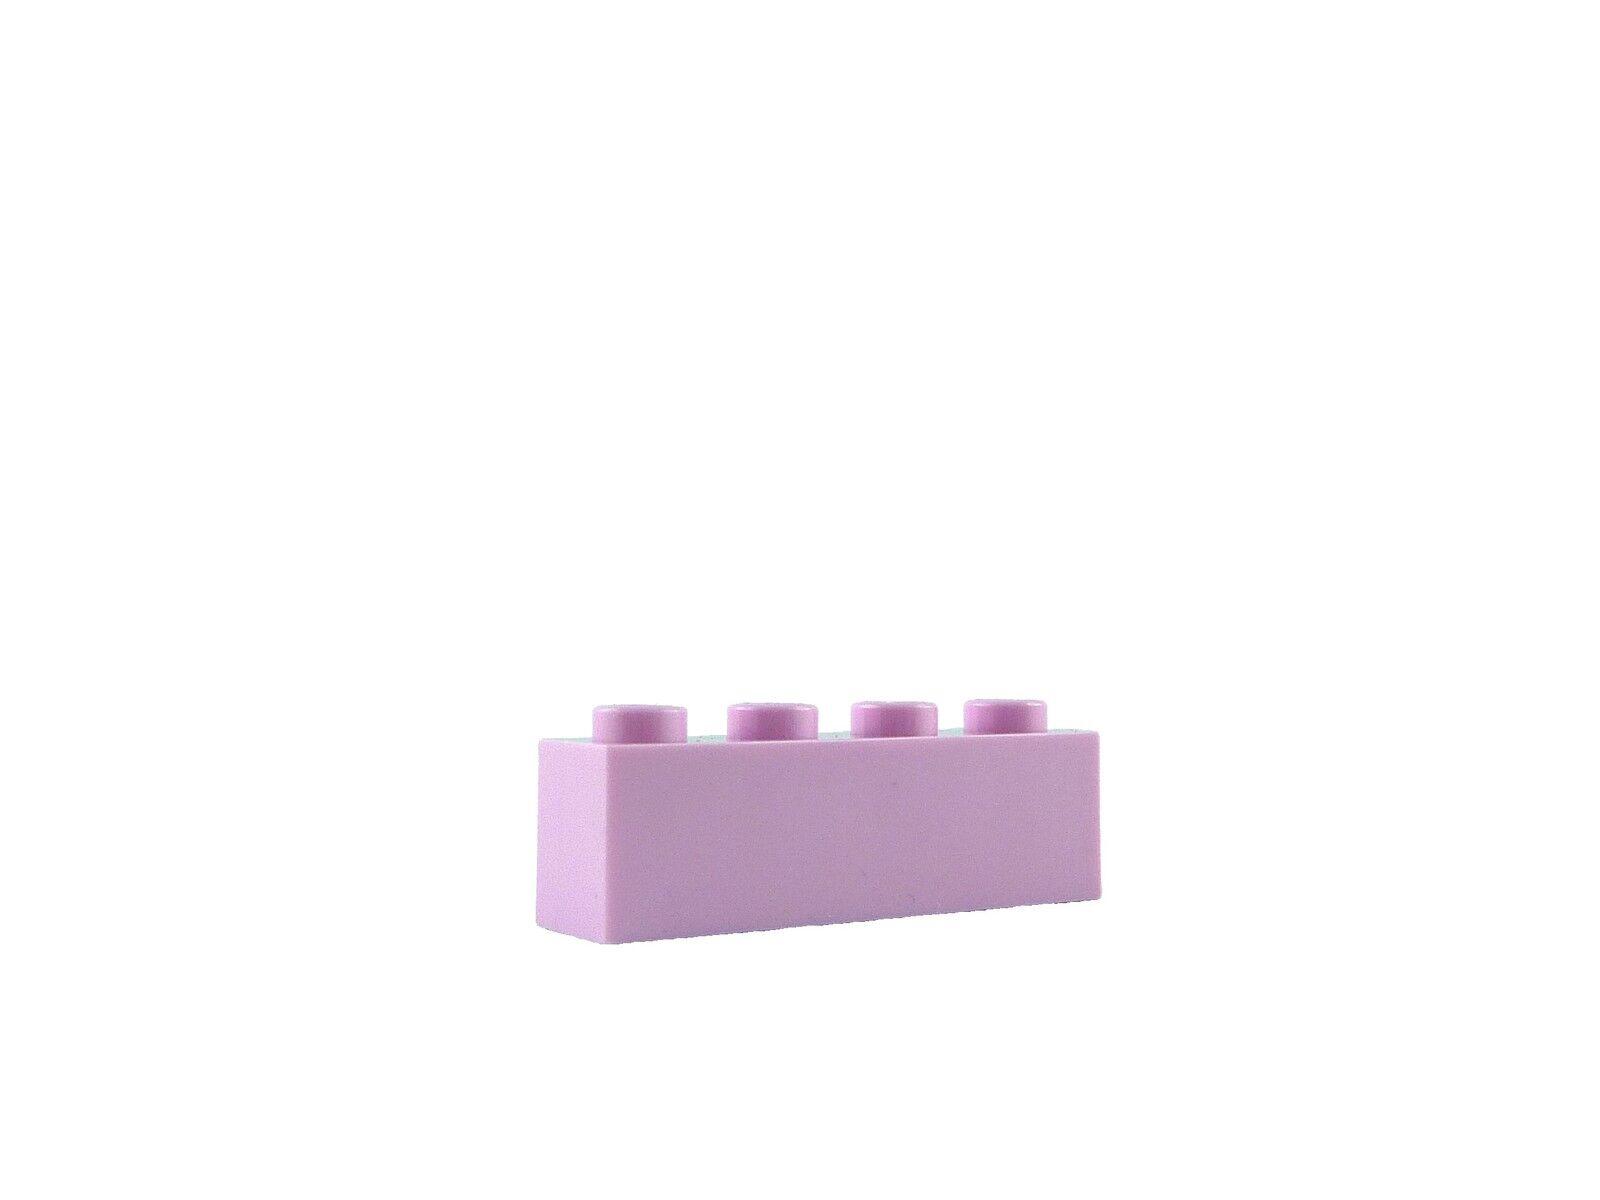 Lego 50x Stein 1x4 hell rosa bright pink 3010 Steine in hellrosa Bausteine